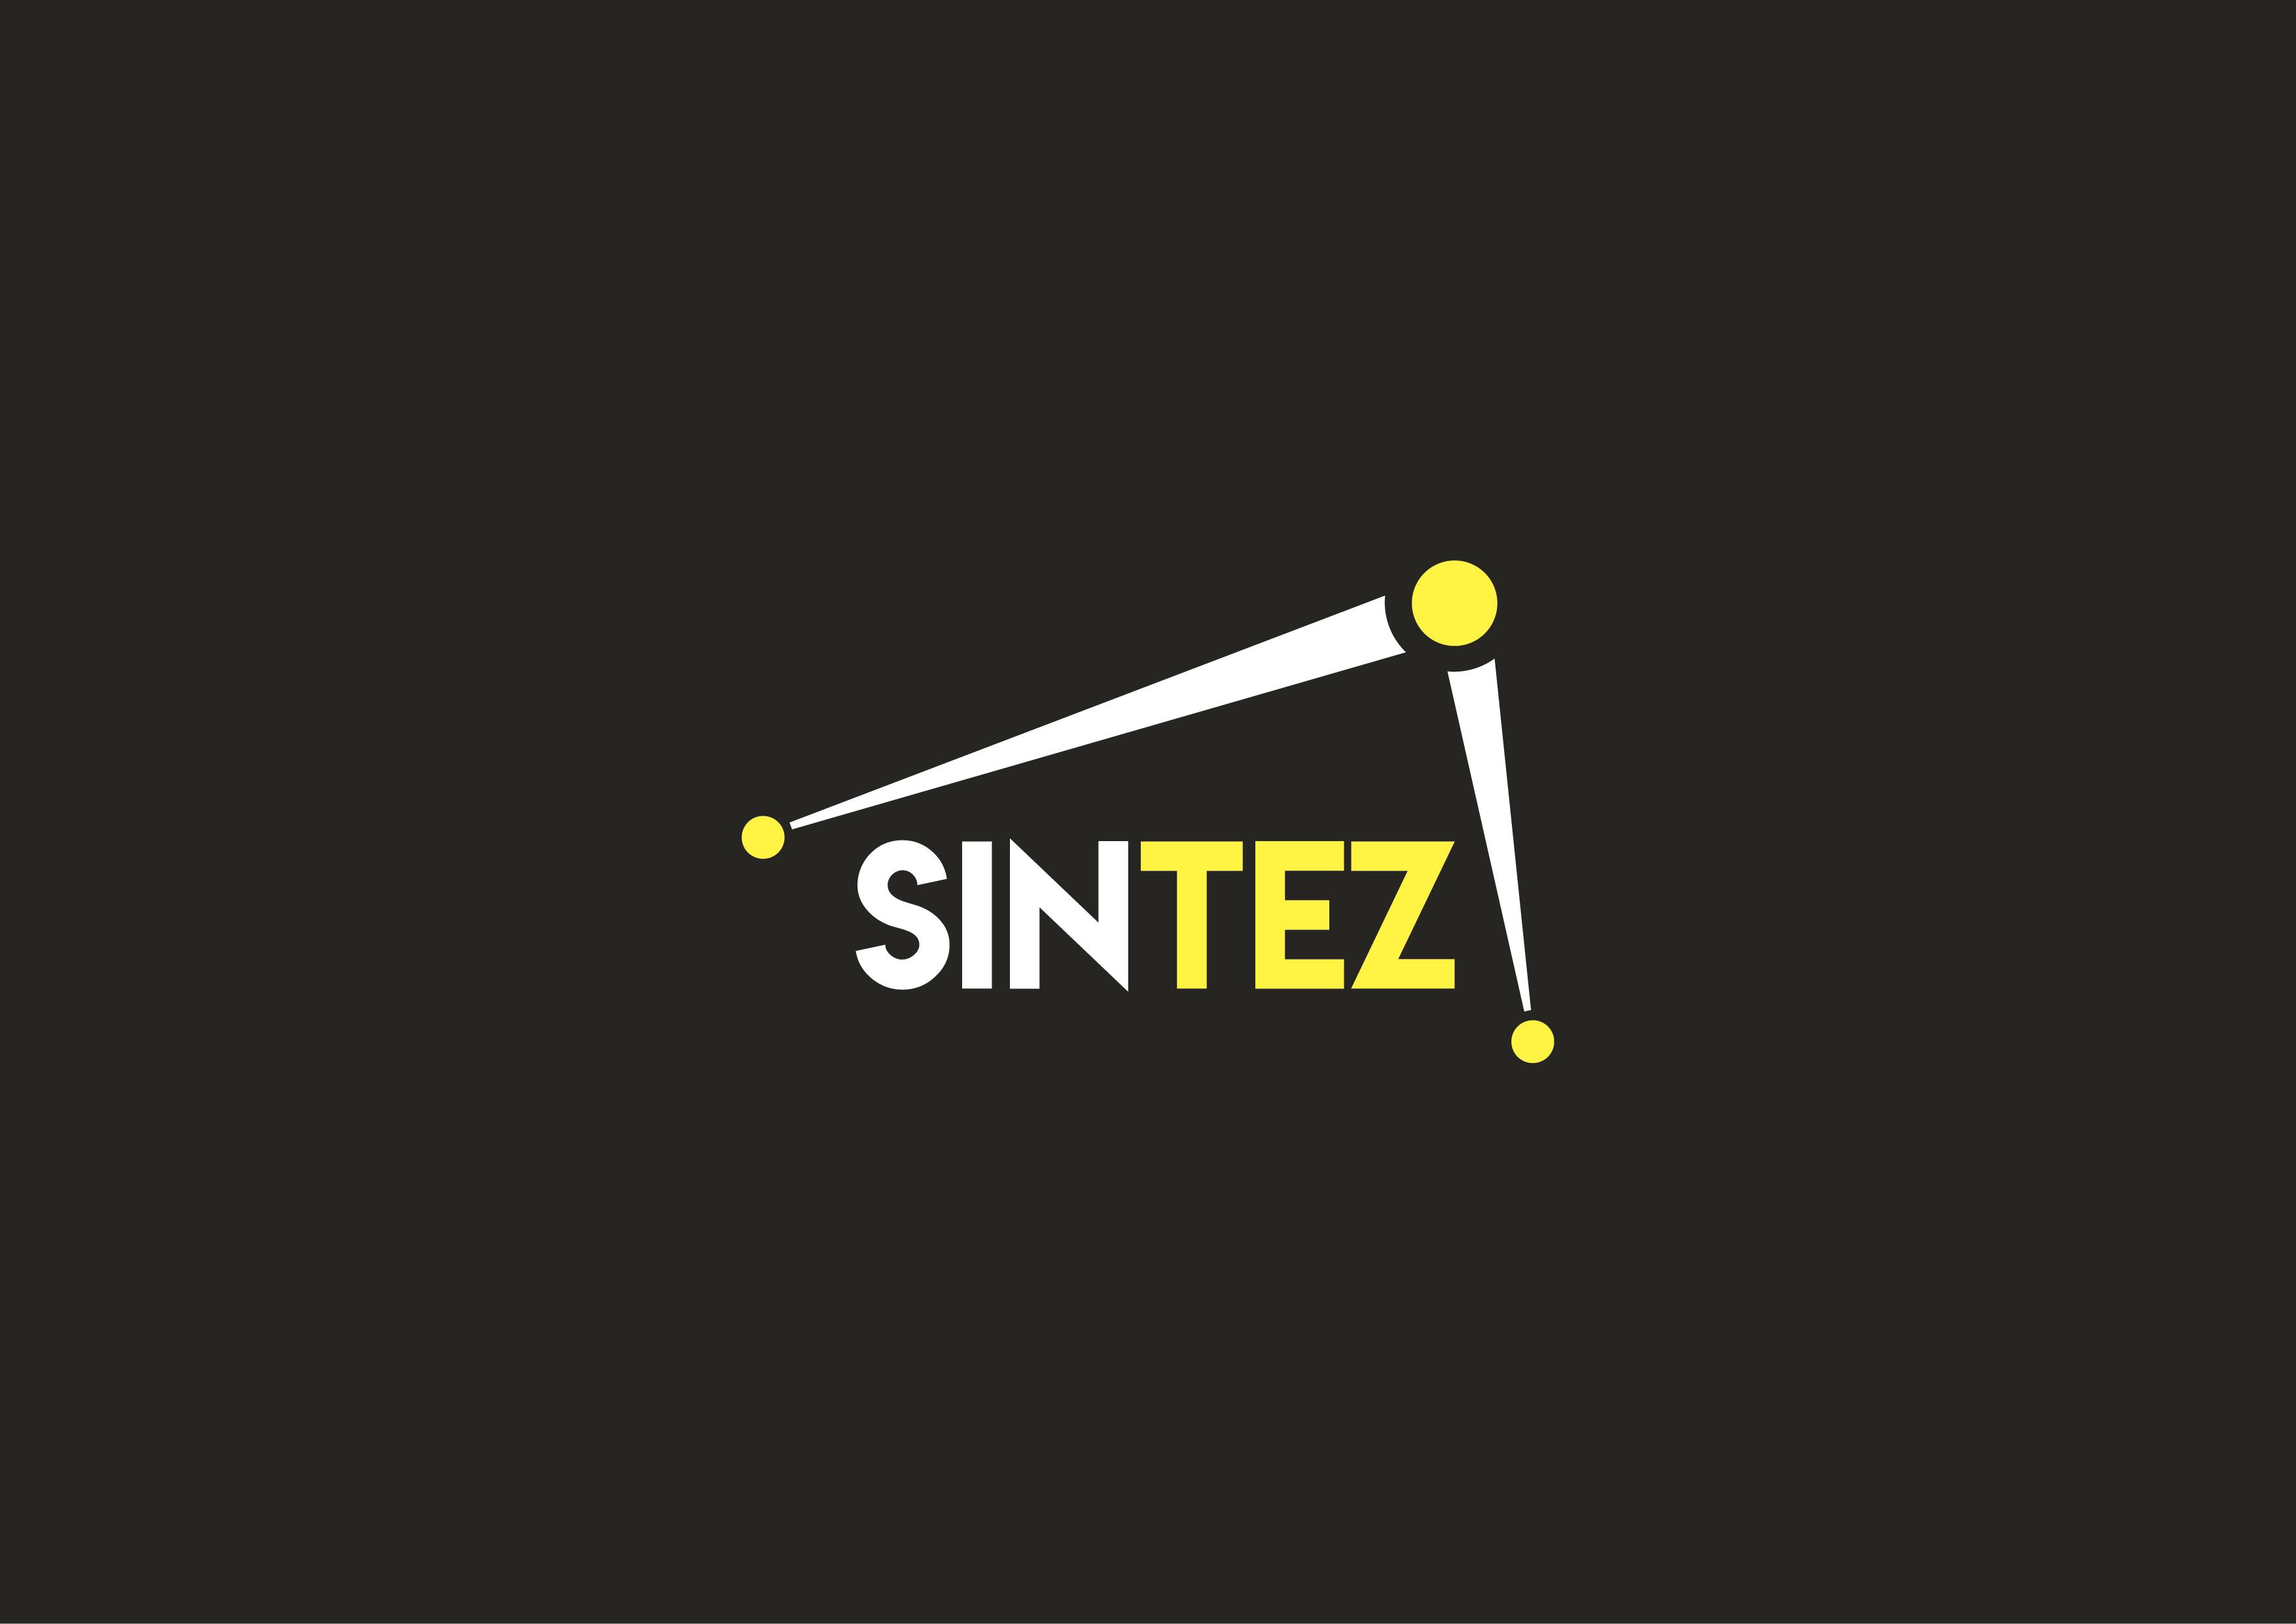 Разрабтка логотипа компании и фирменного шрифта фото f_0675f61eb1f0f554.jpg